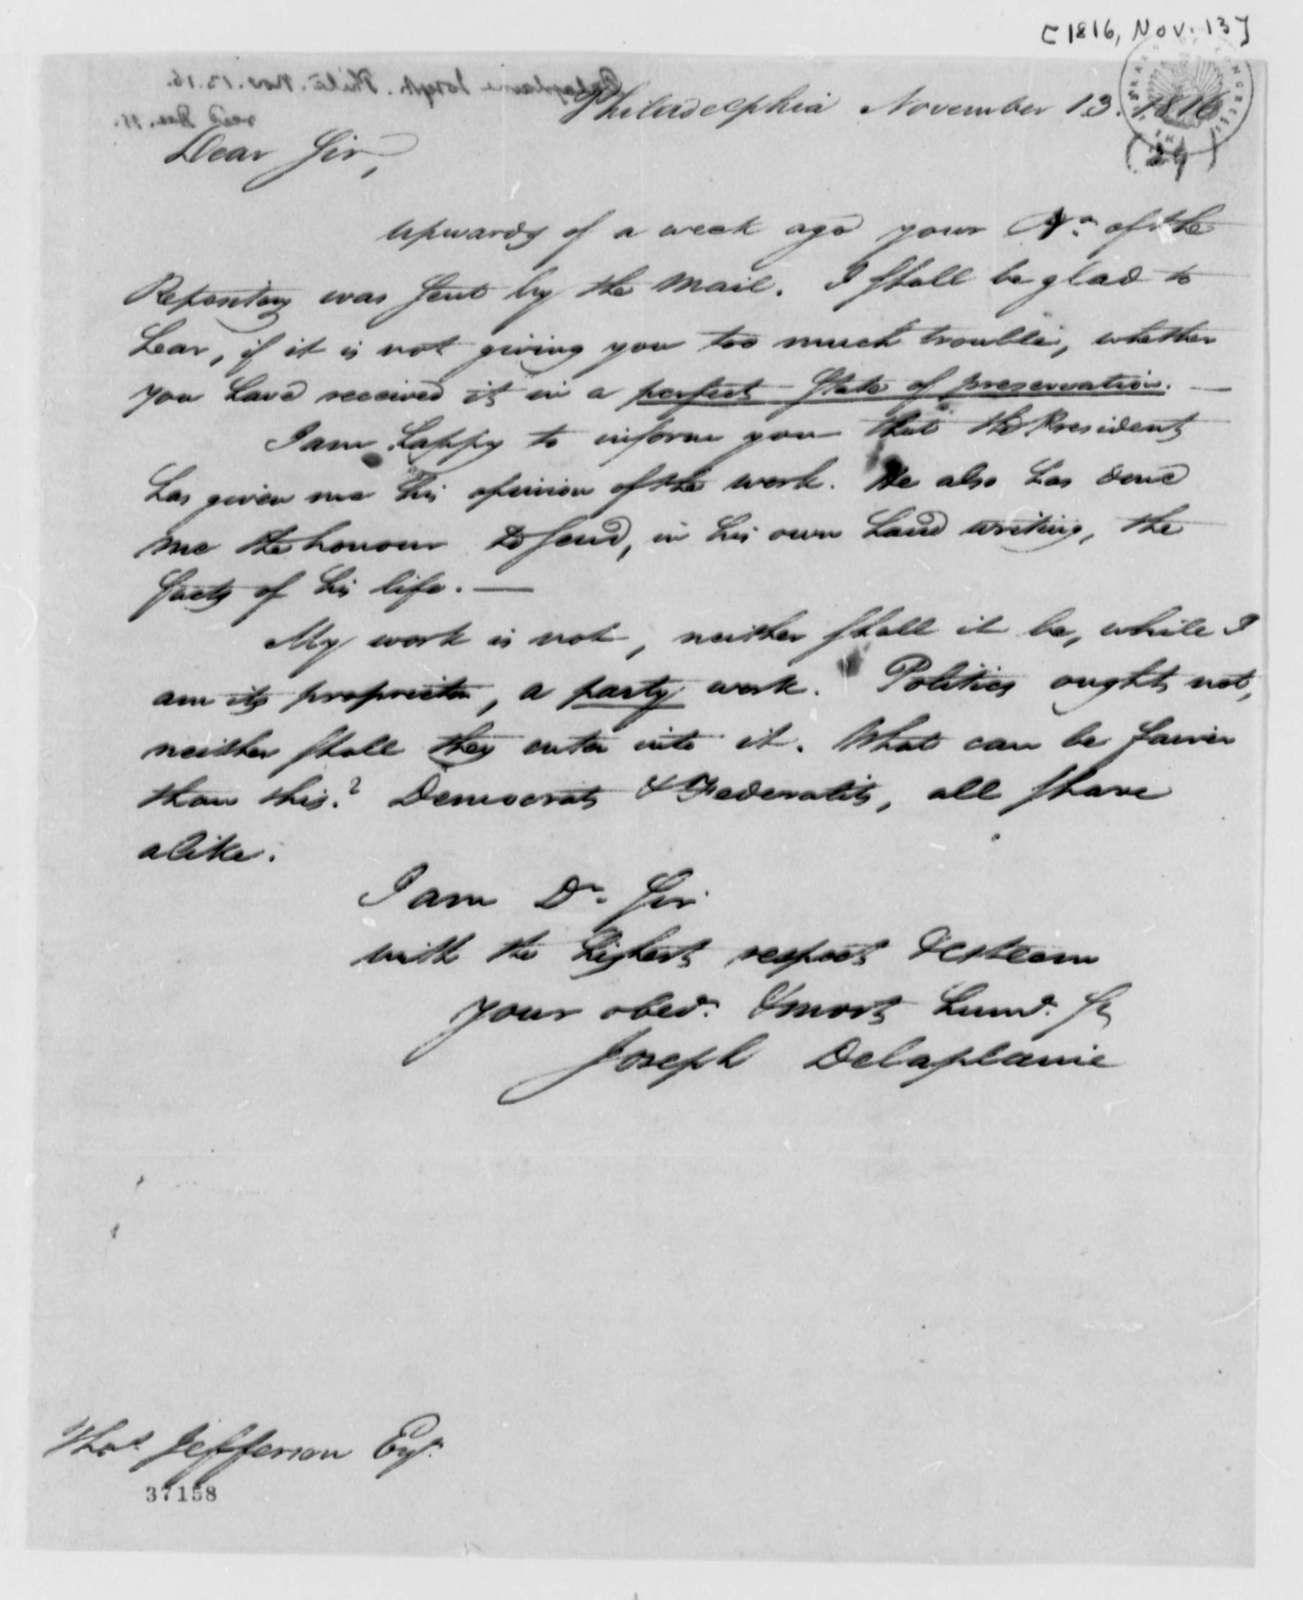 Joseph Delaplaine to Thomas Jefferson, November 13, 1816